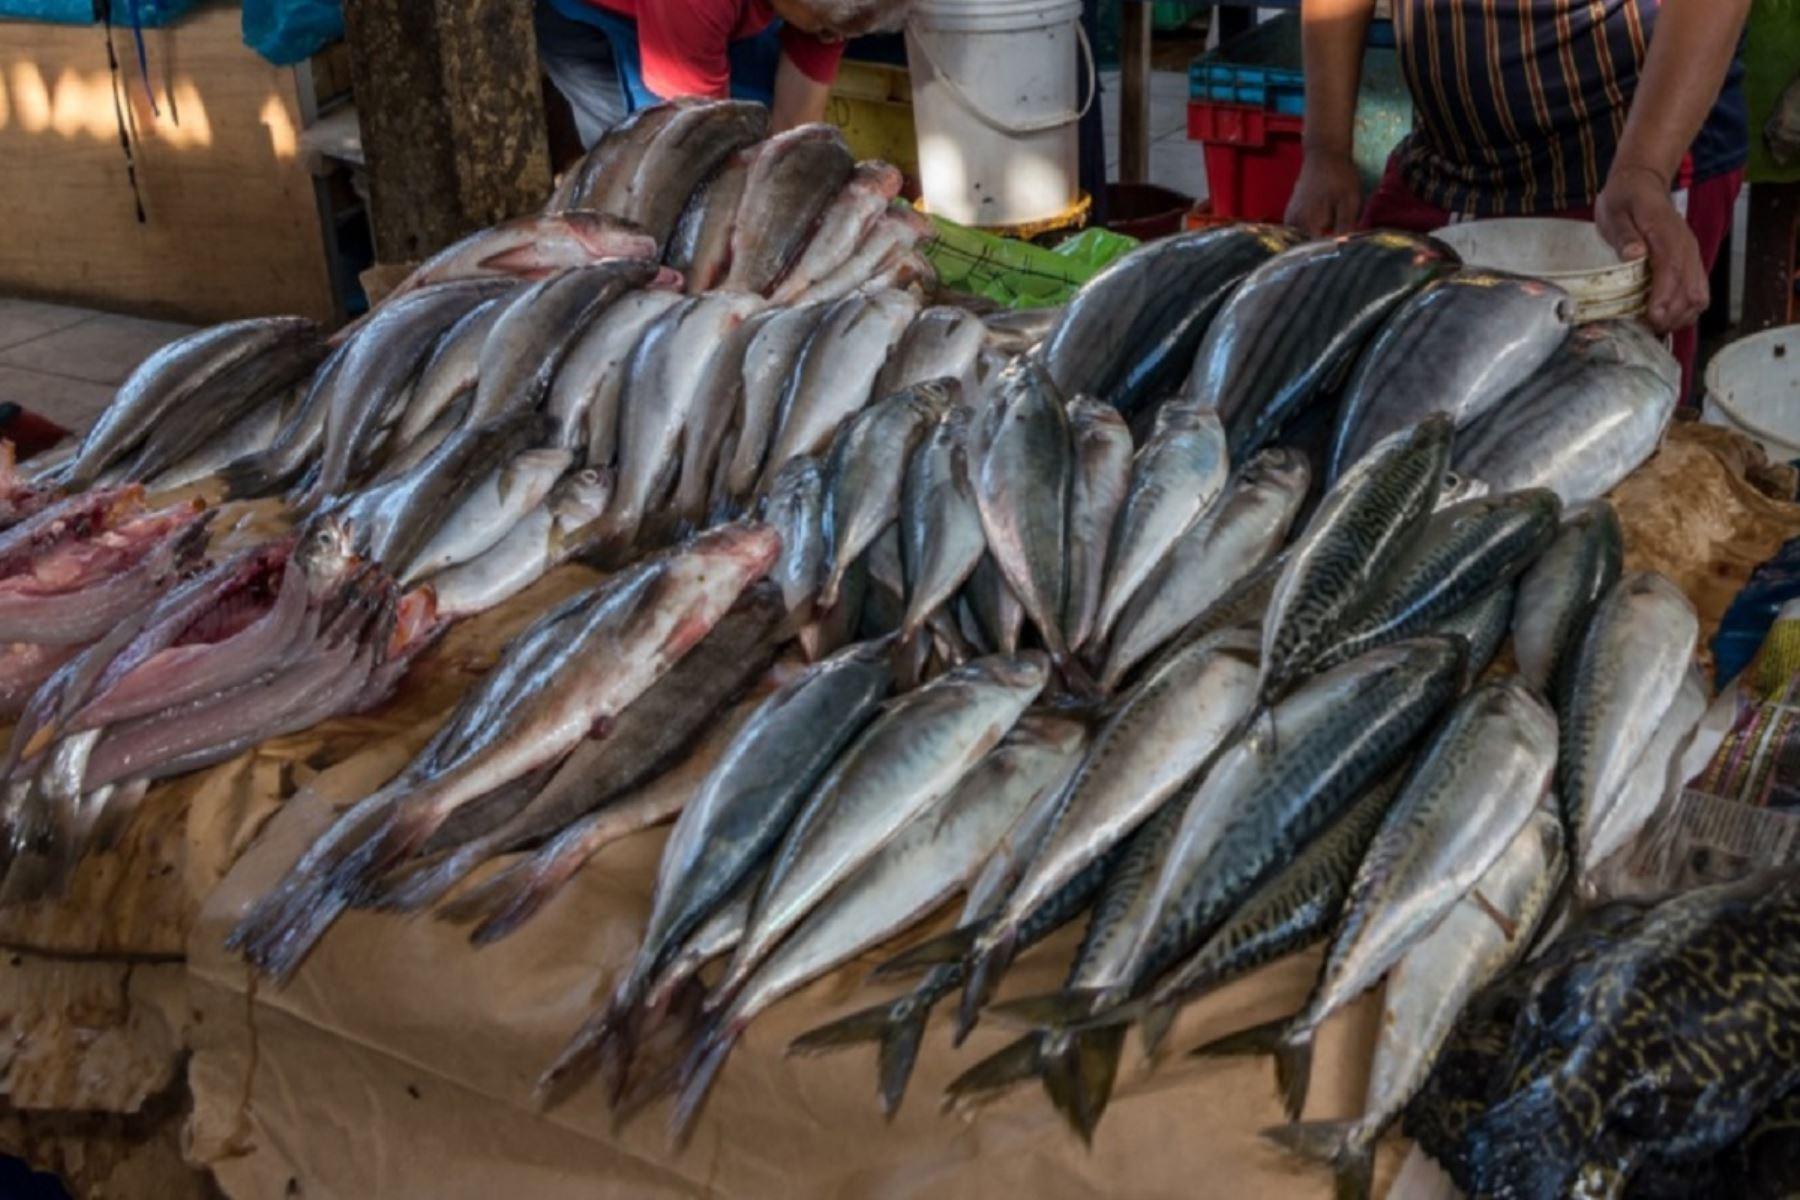 siete-de-cada-10-pescados-son-vendidos-con-otro-nombre-en-la-costa-peruana